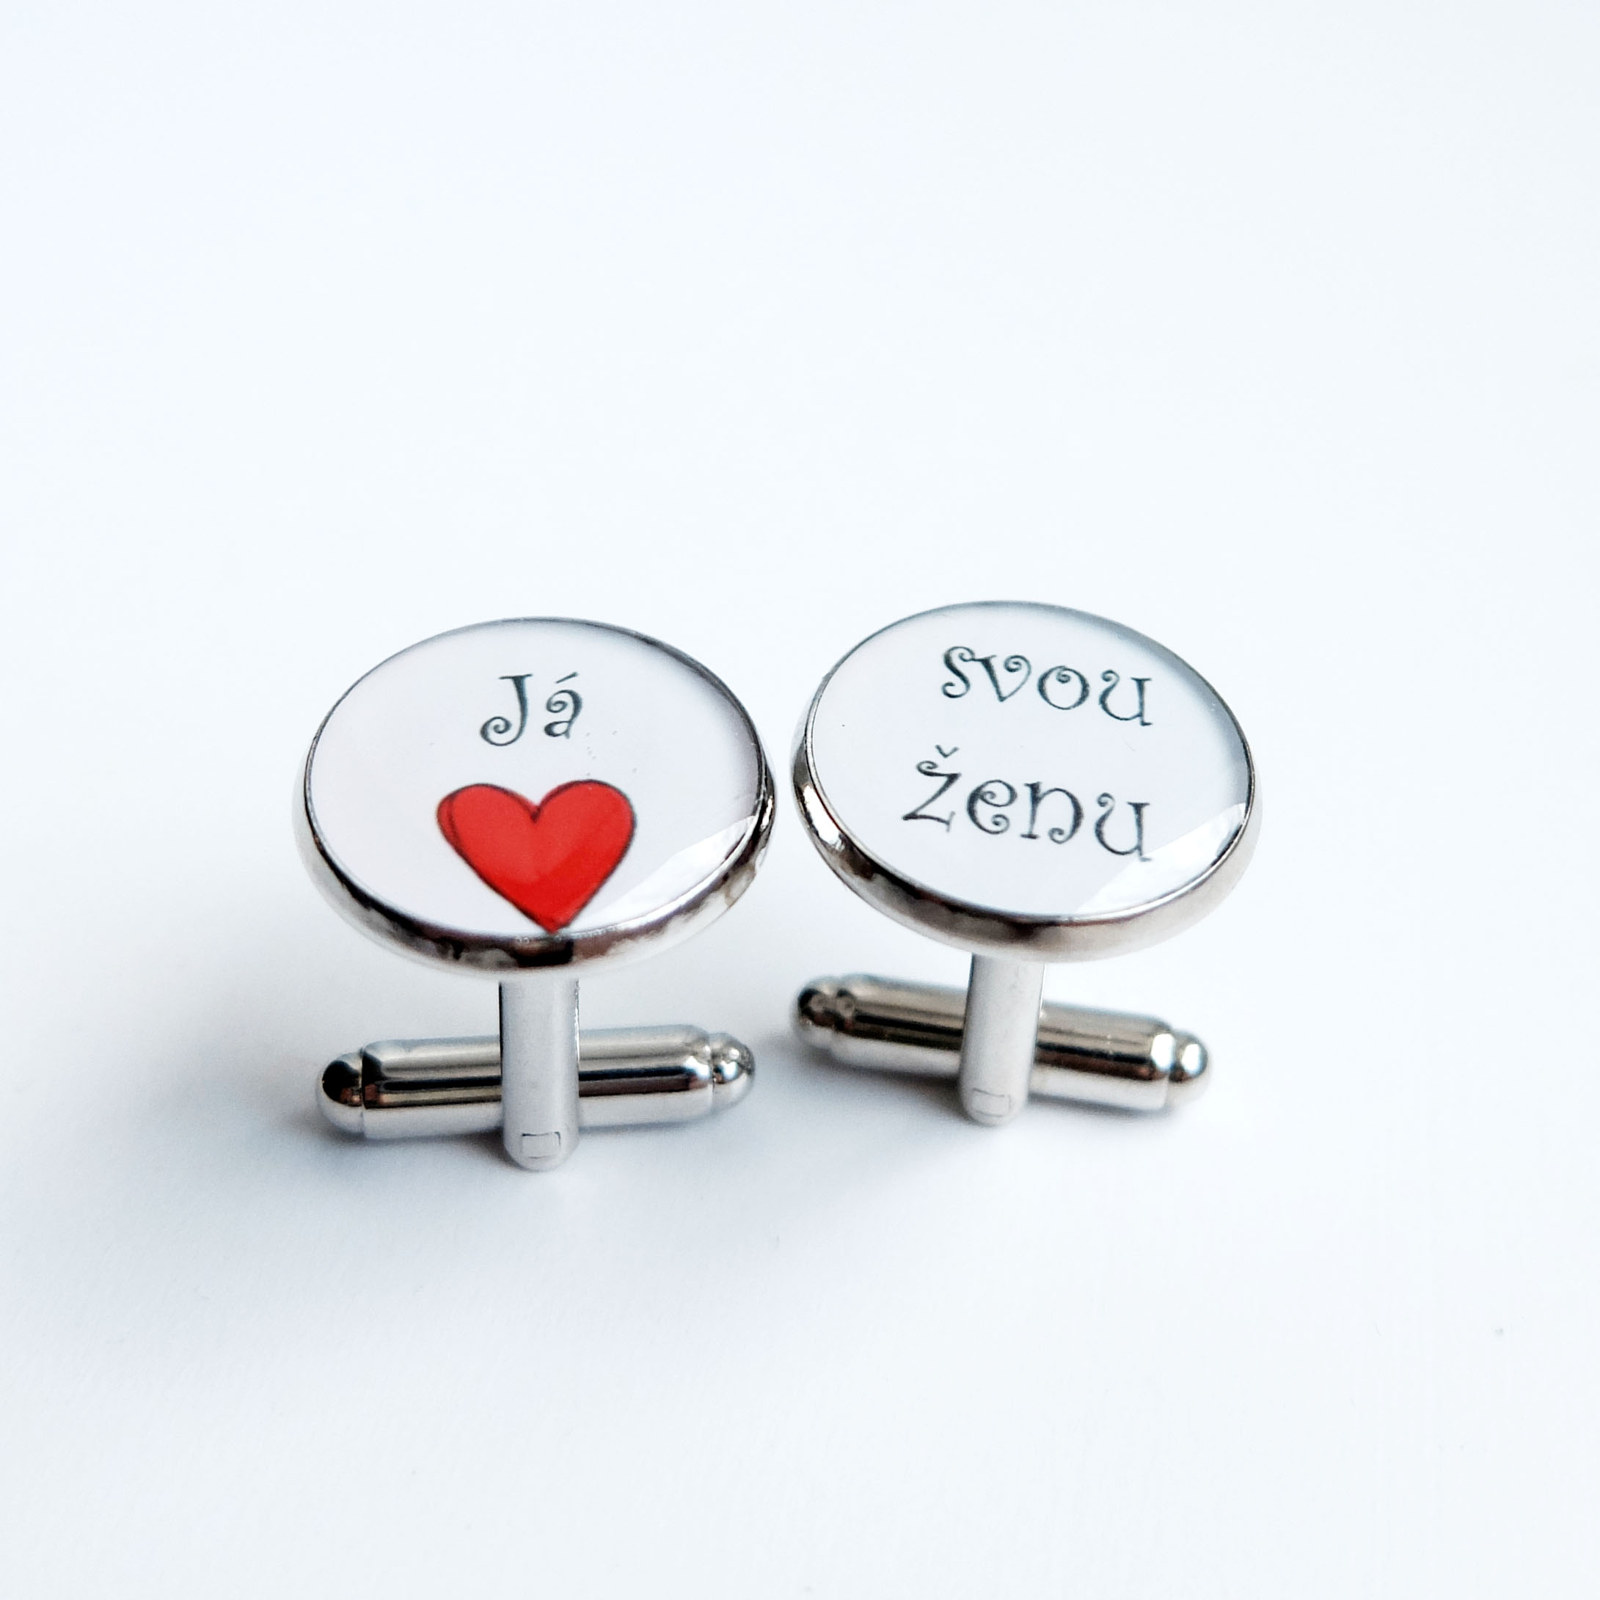 Vánoce - Nestihli jste svůj Vánoční nákup u nás? Nezoufejte, máme ještě nějaké zamilované šperky skladem! Třeba tyto manžetky Já miluji svou ženu. http://bit.ly/vanocni_skladovky